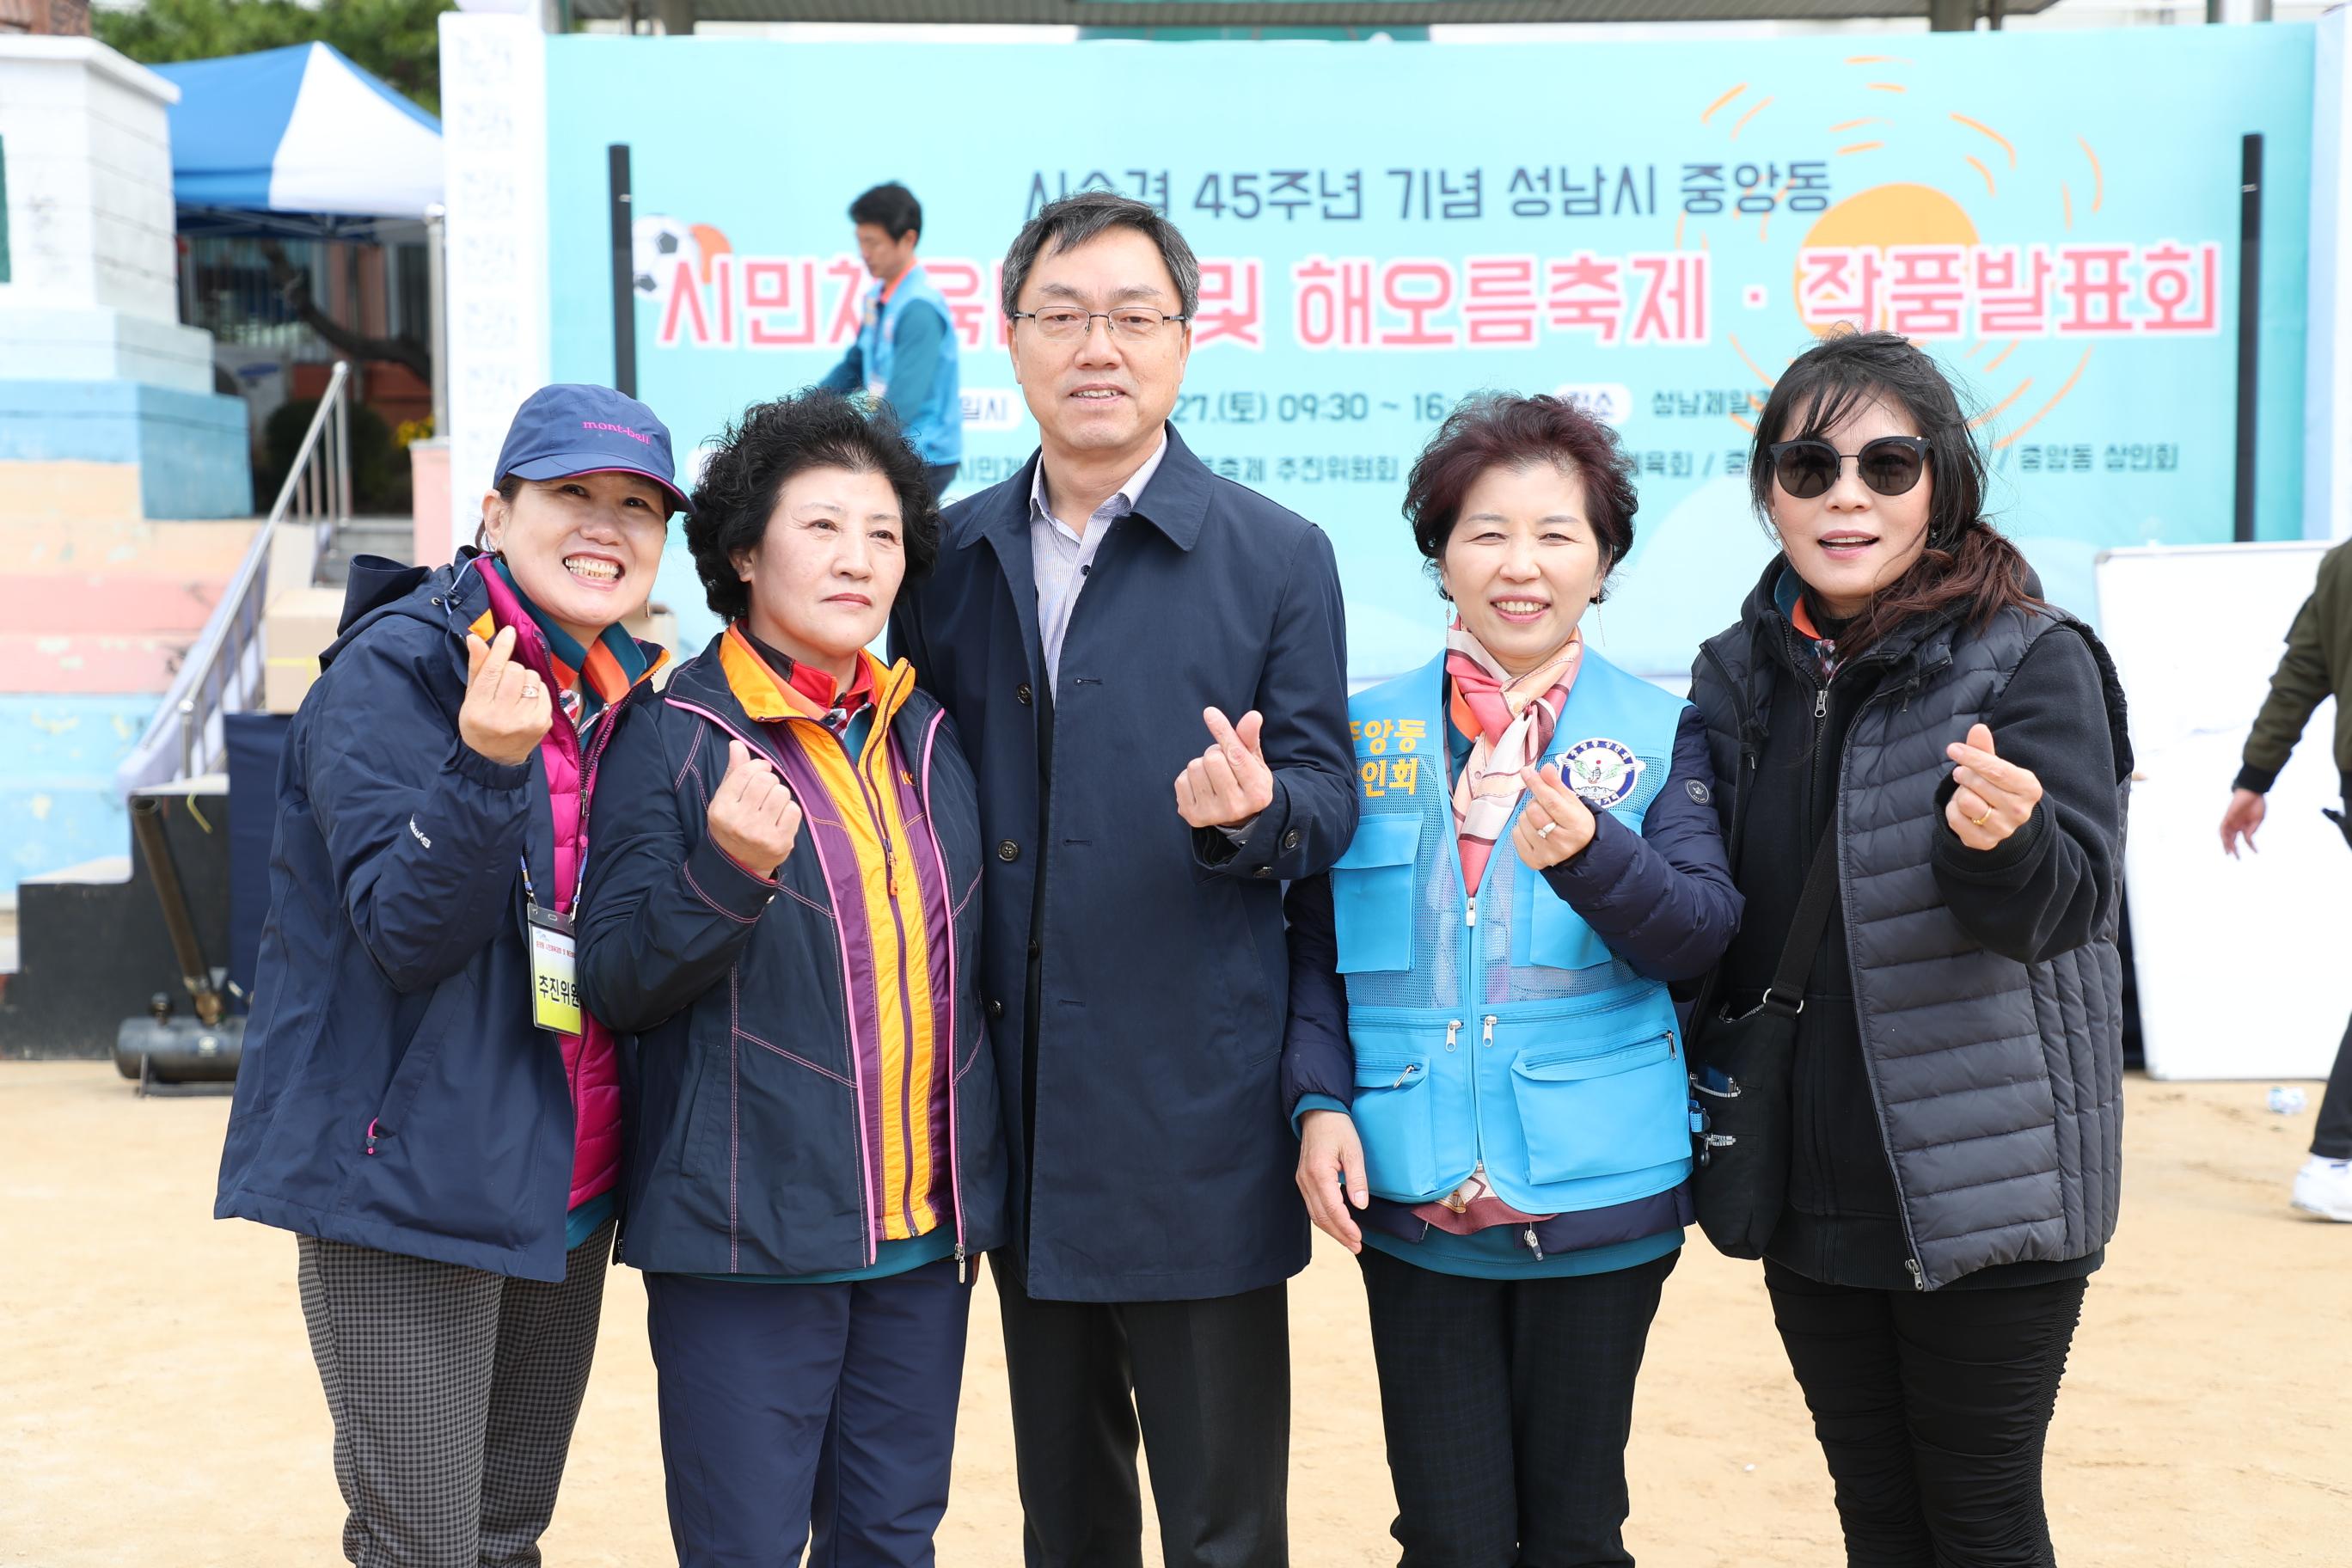 중원구 중앙동 체육대회